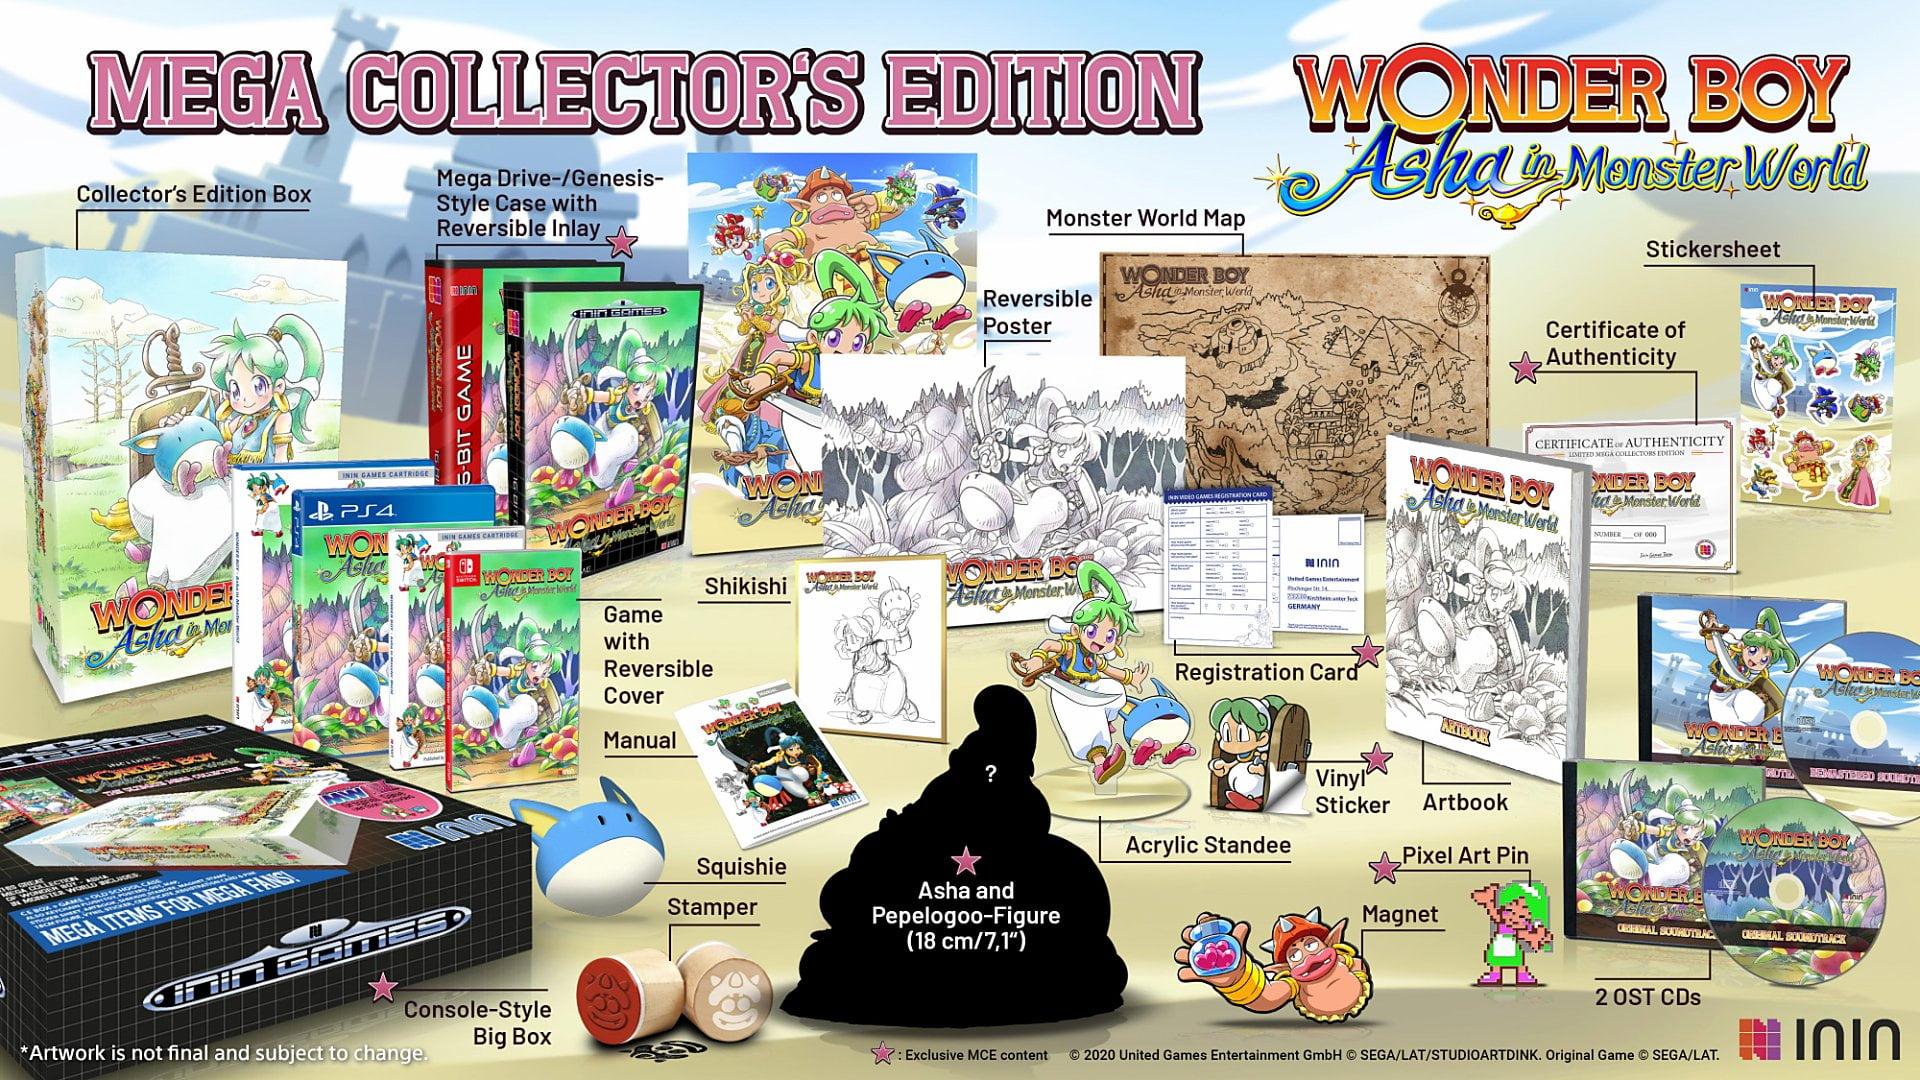 Wonder Boy Asha In Monster World 7